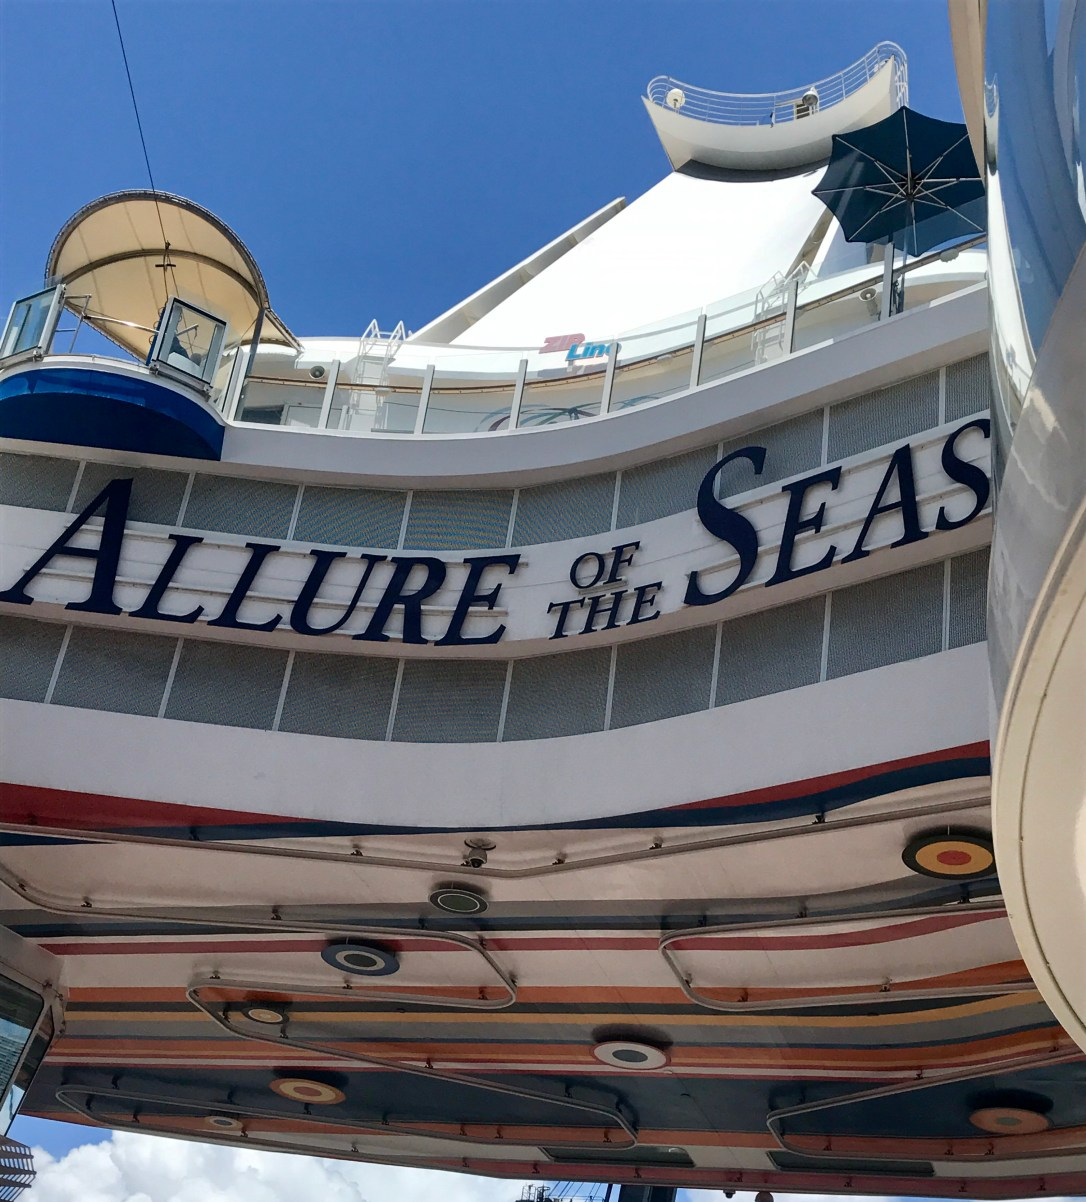 Allure of the Sea